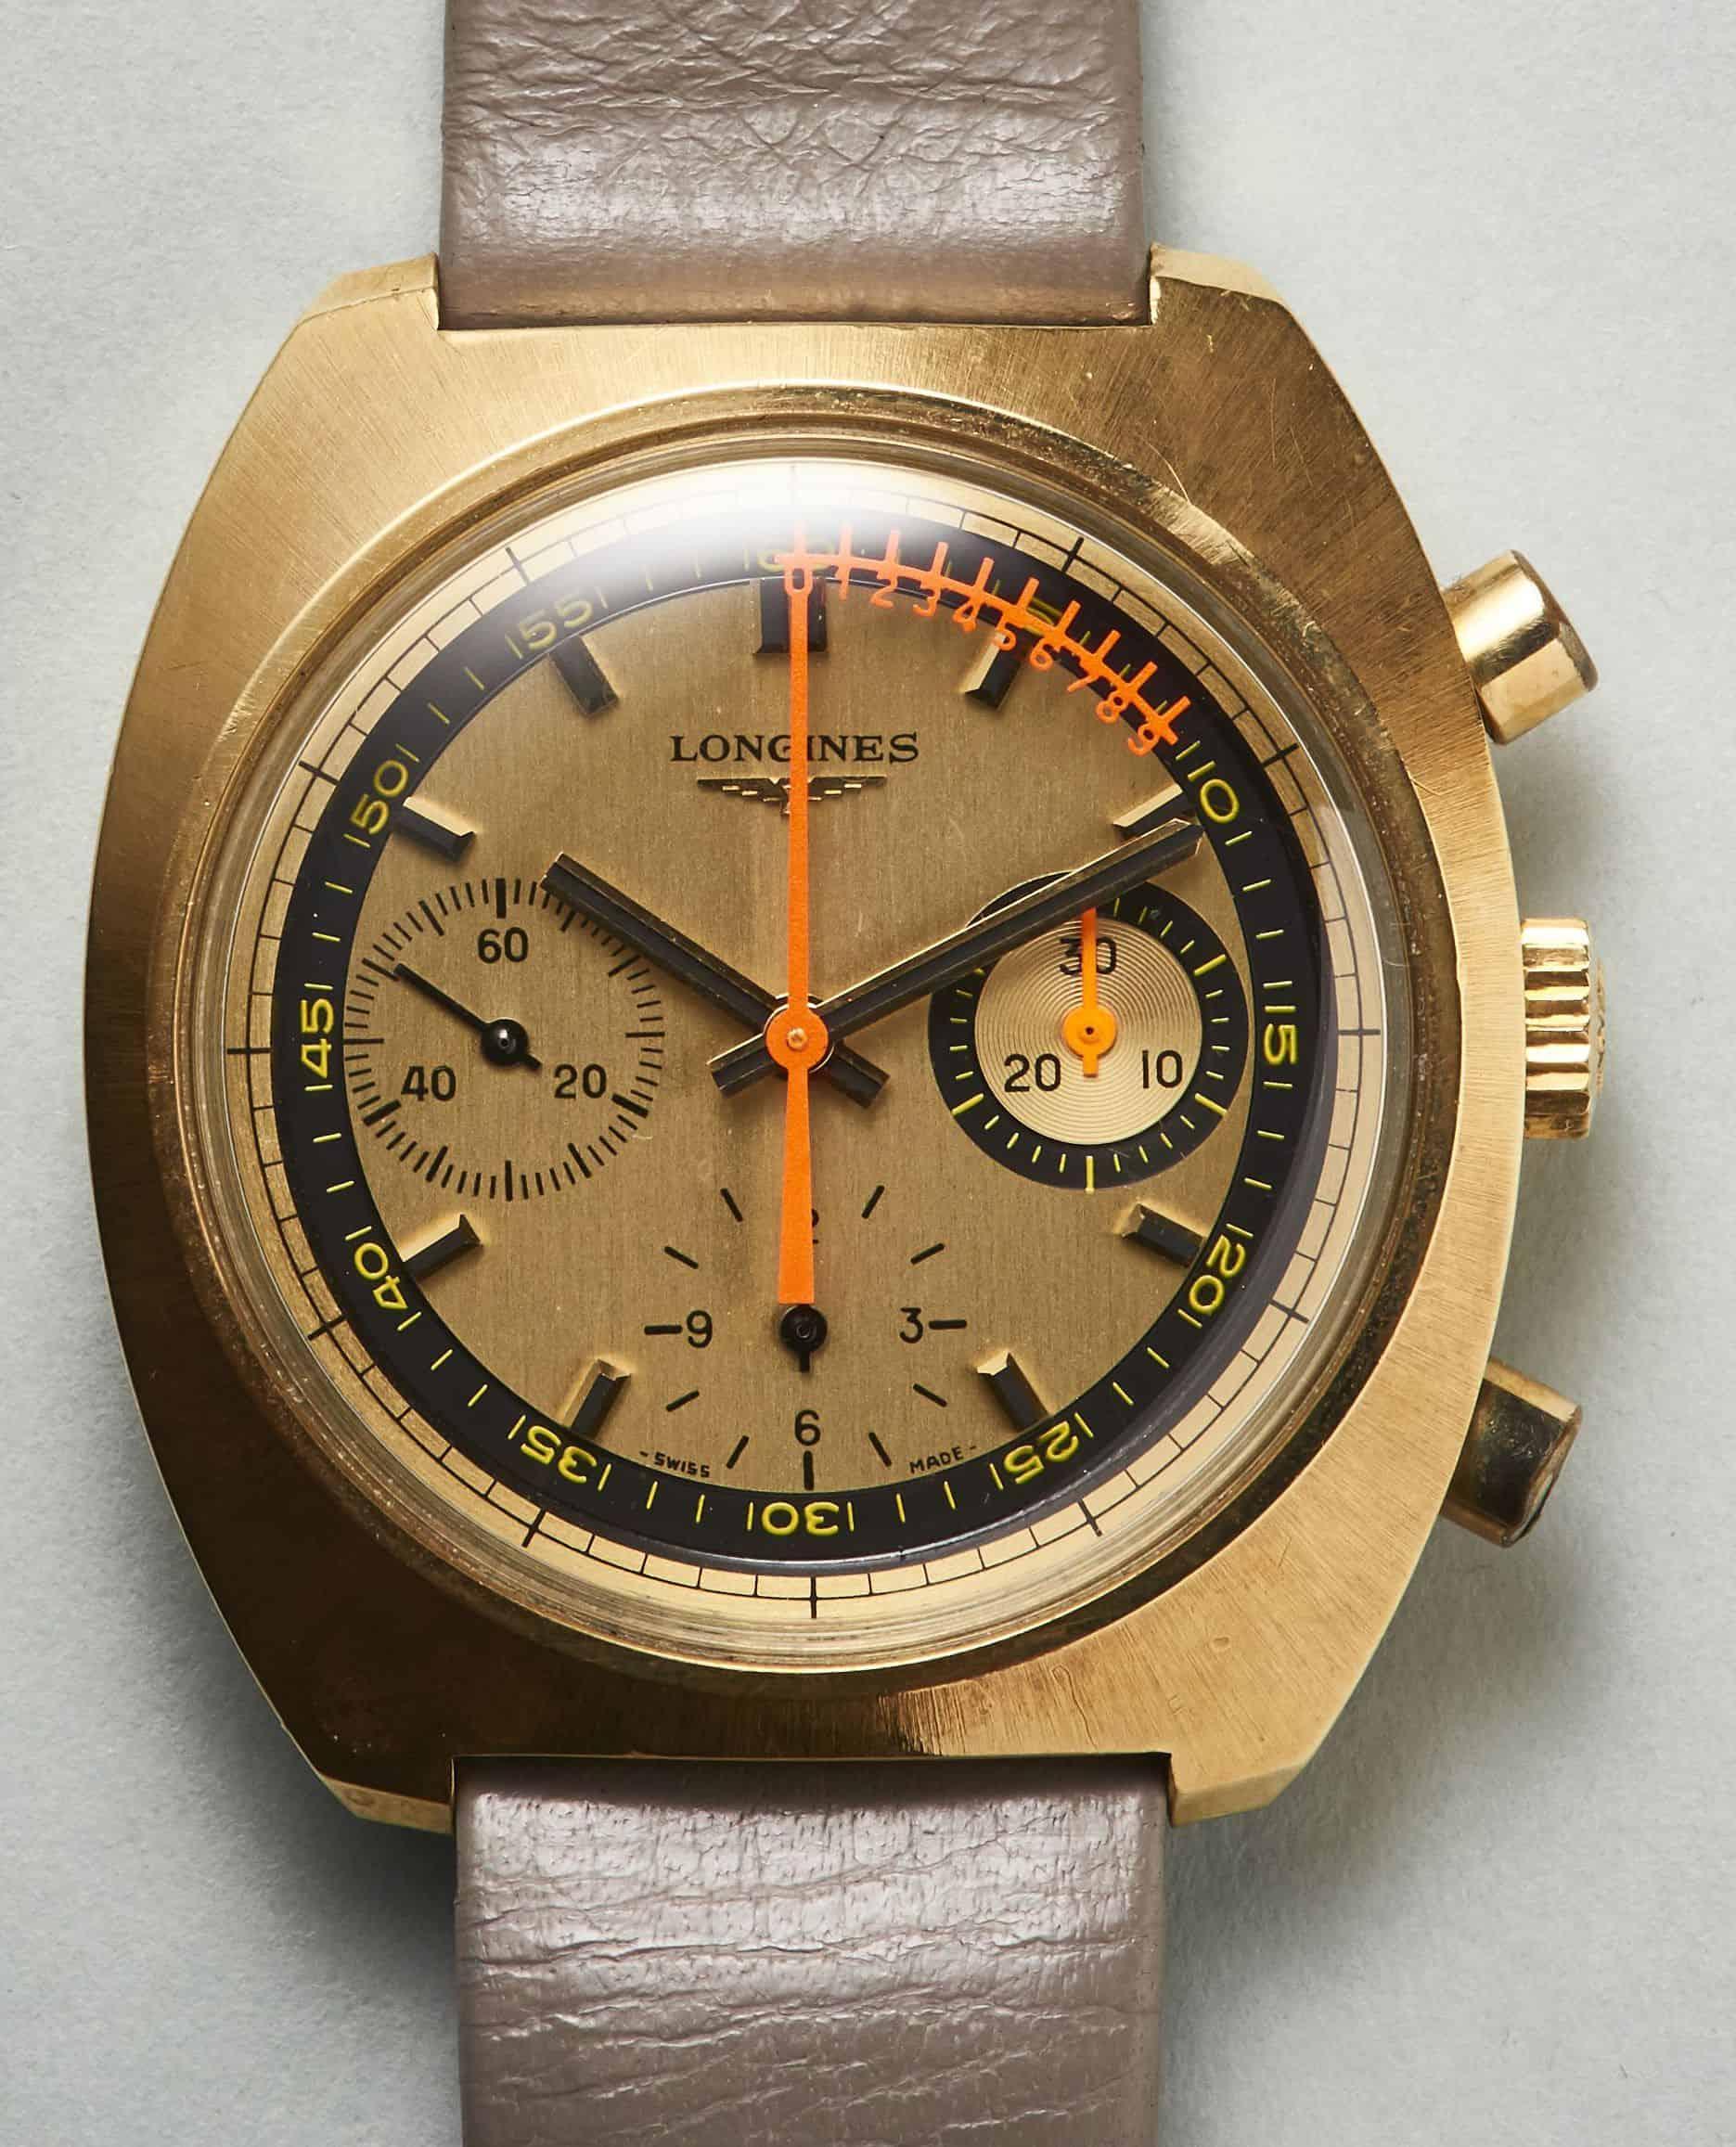 Ein Liebhaberstück - der Longines Nonius Chronograph in Gold Referenz 8273